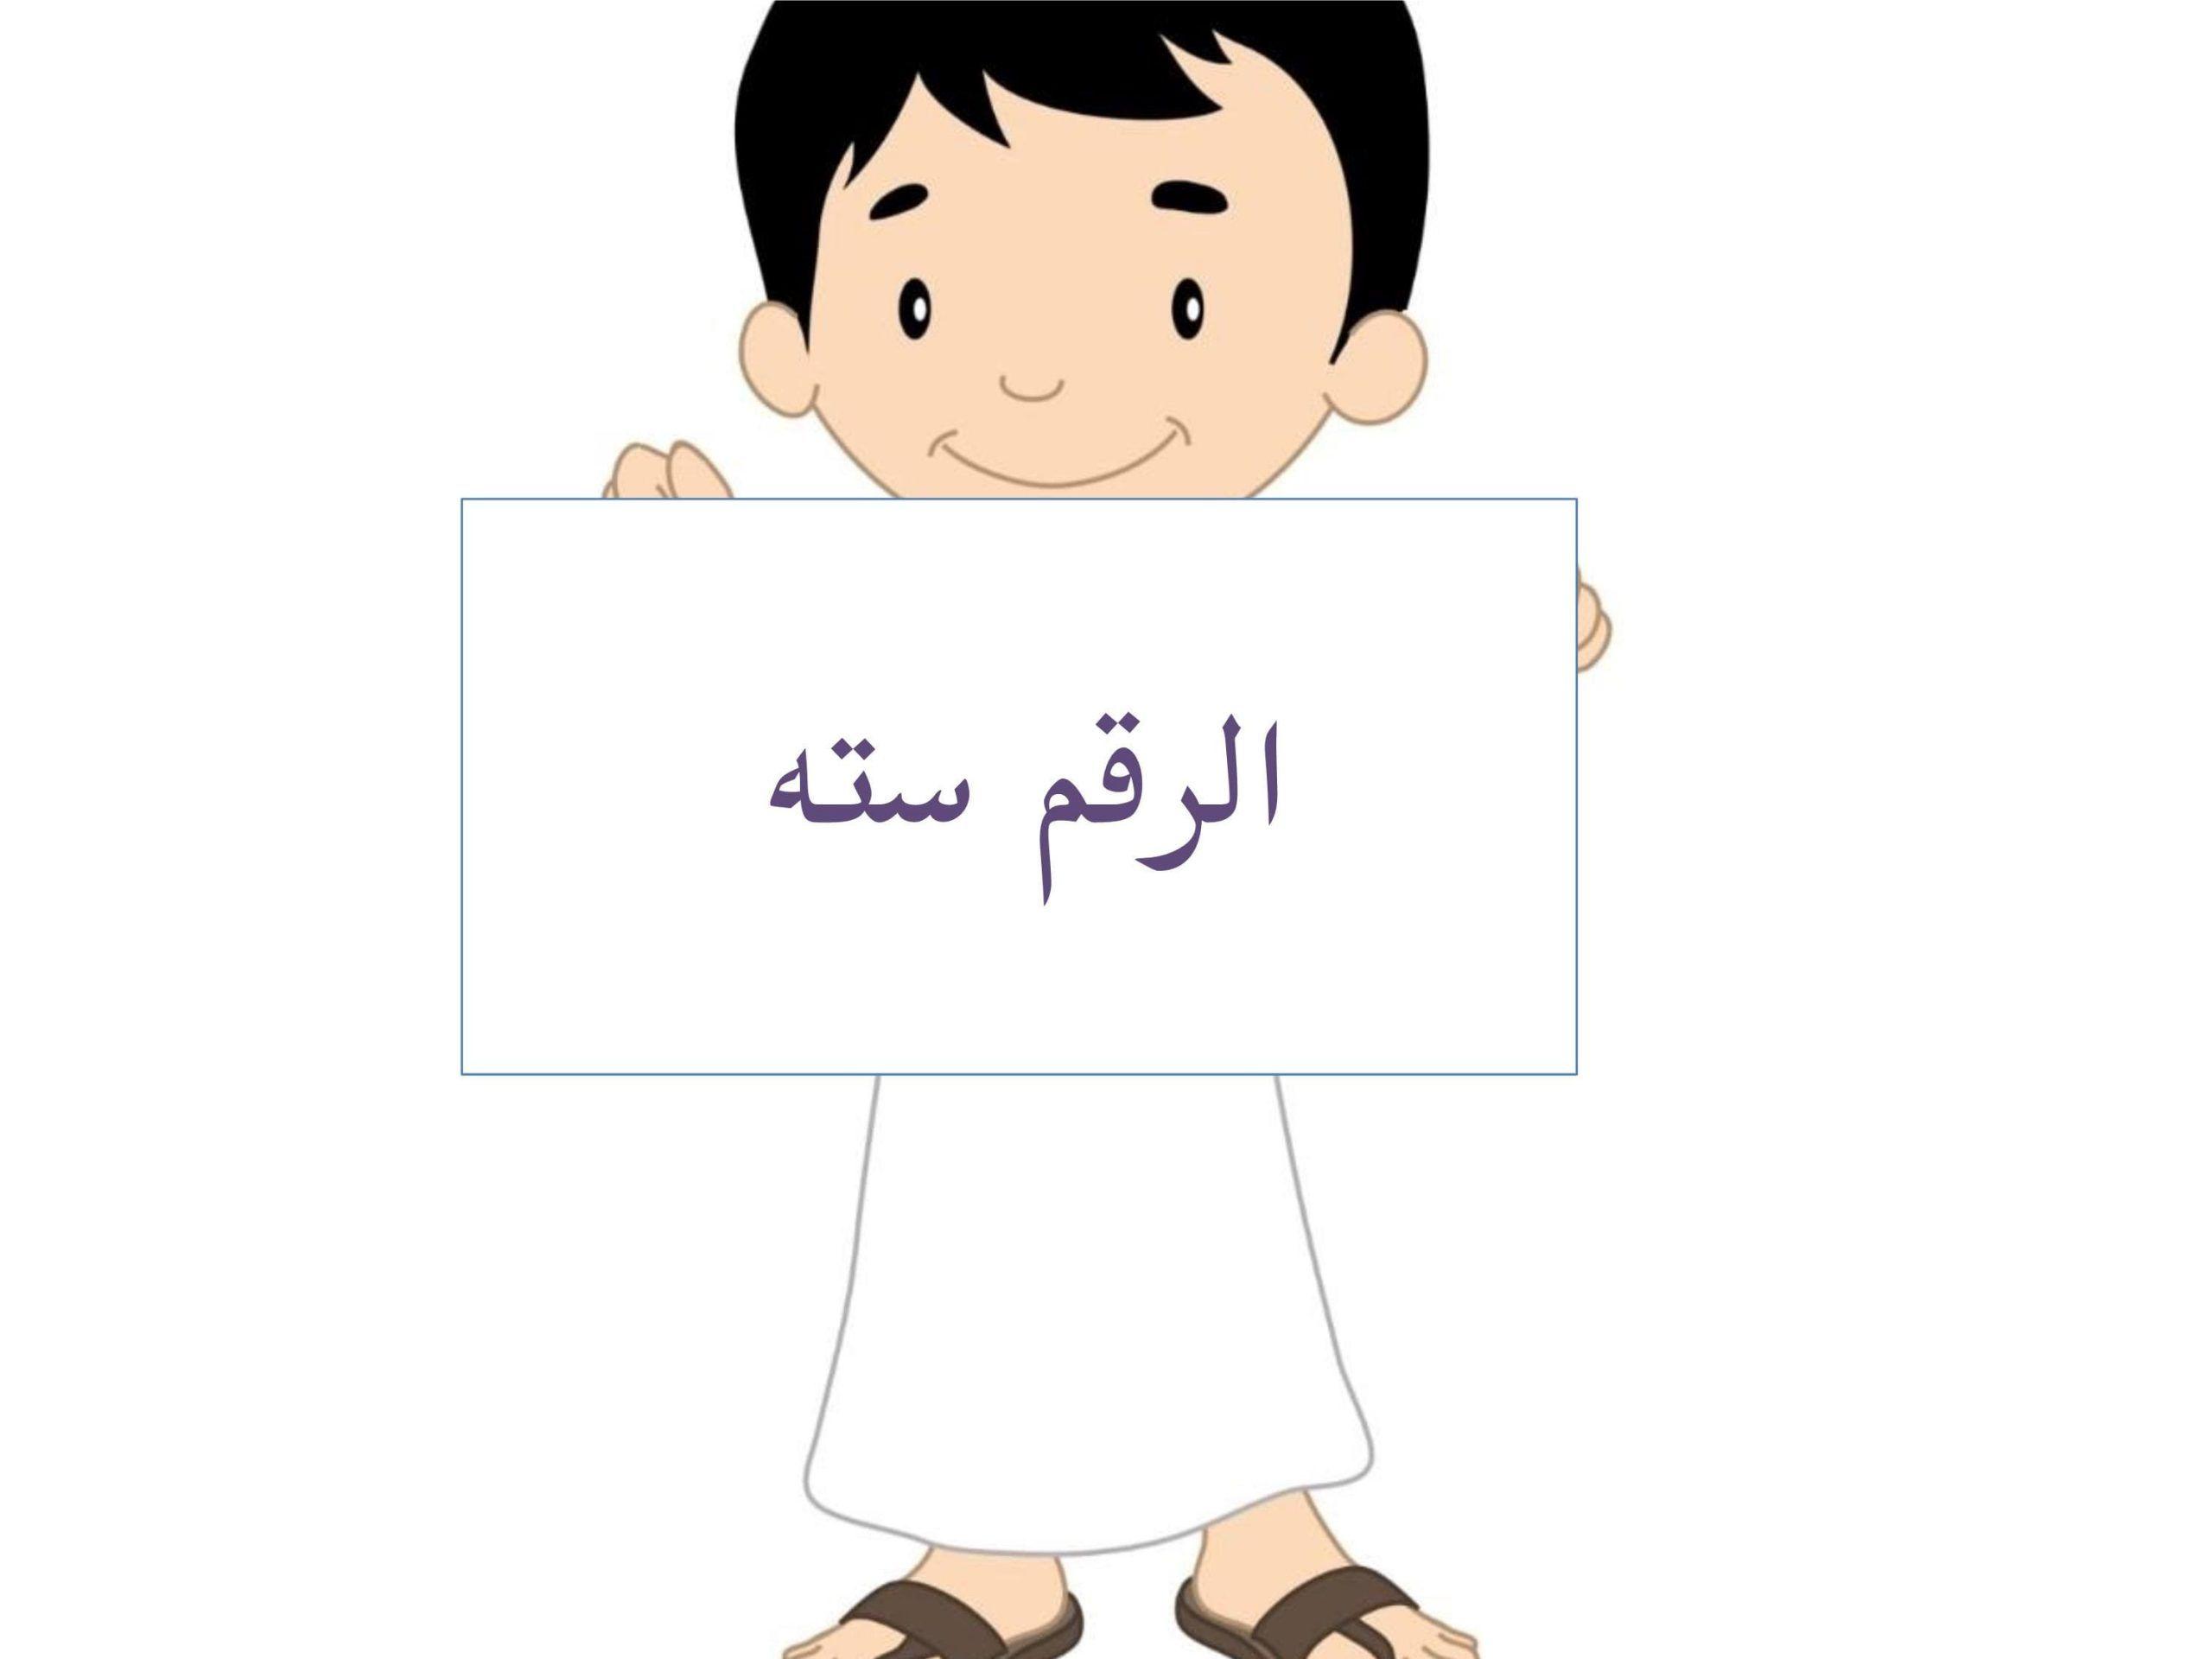 مسائل كلامية الرقم ستة مع الحل لتعليم الاطفال بطريقة بسيطة Character Snoopy Fictional Characters